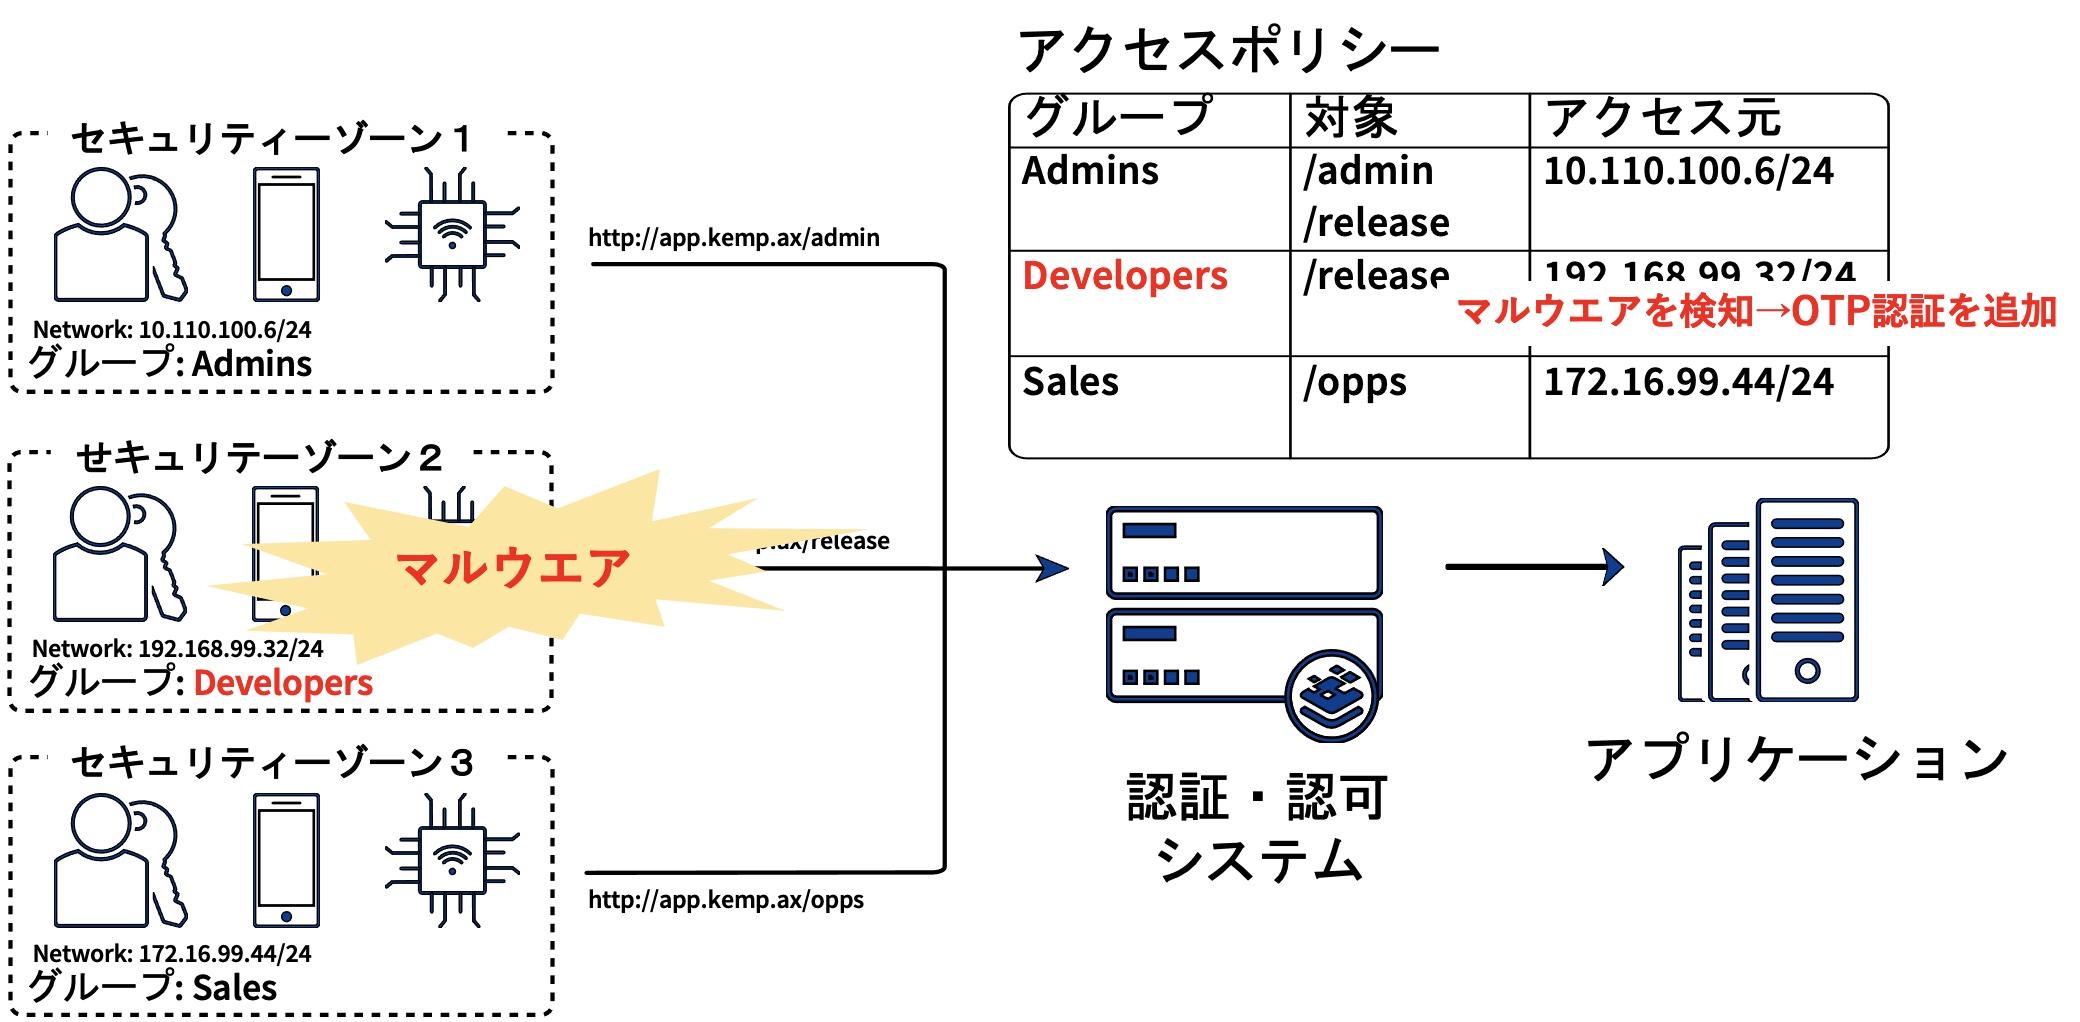 図2:多様なリスク検知機能